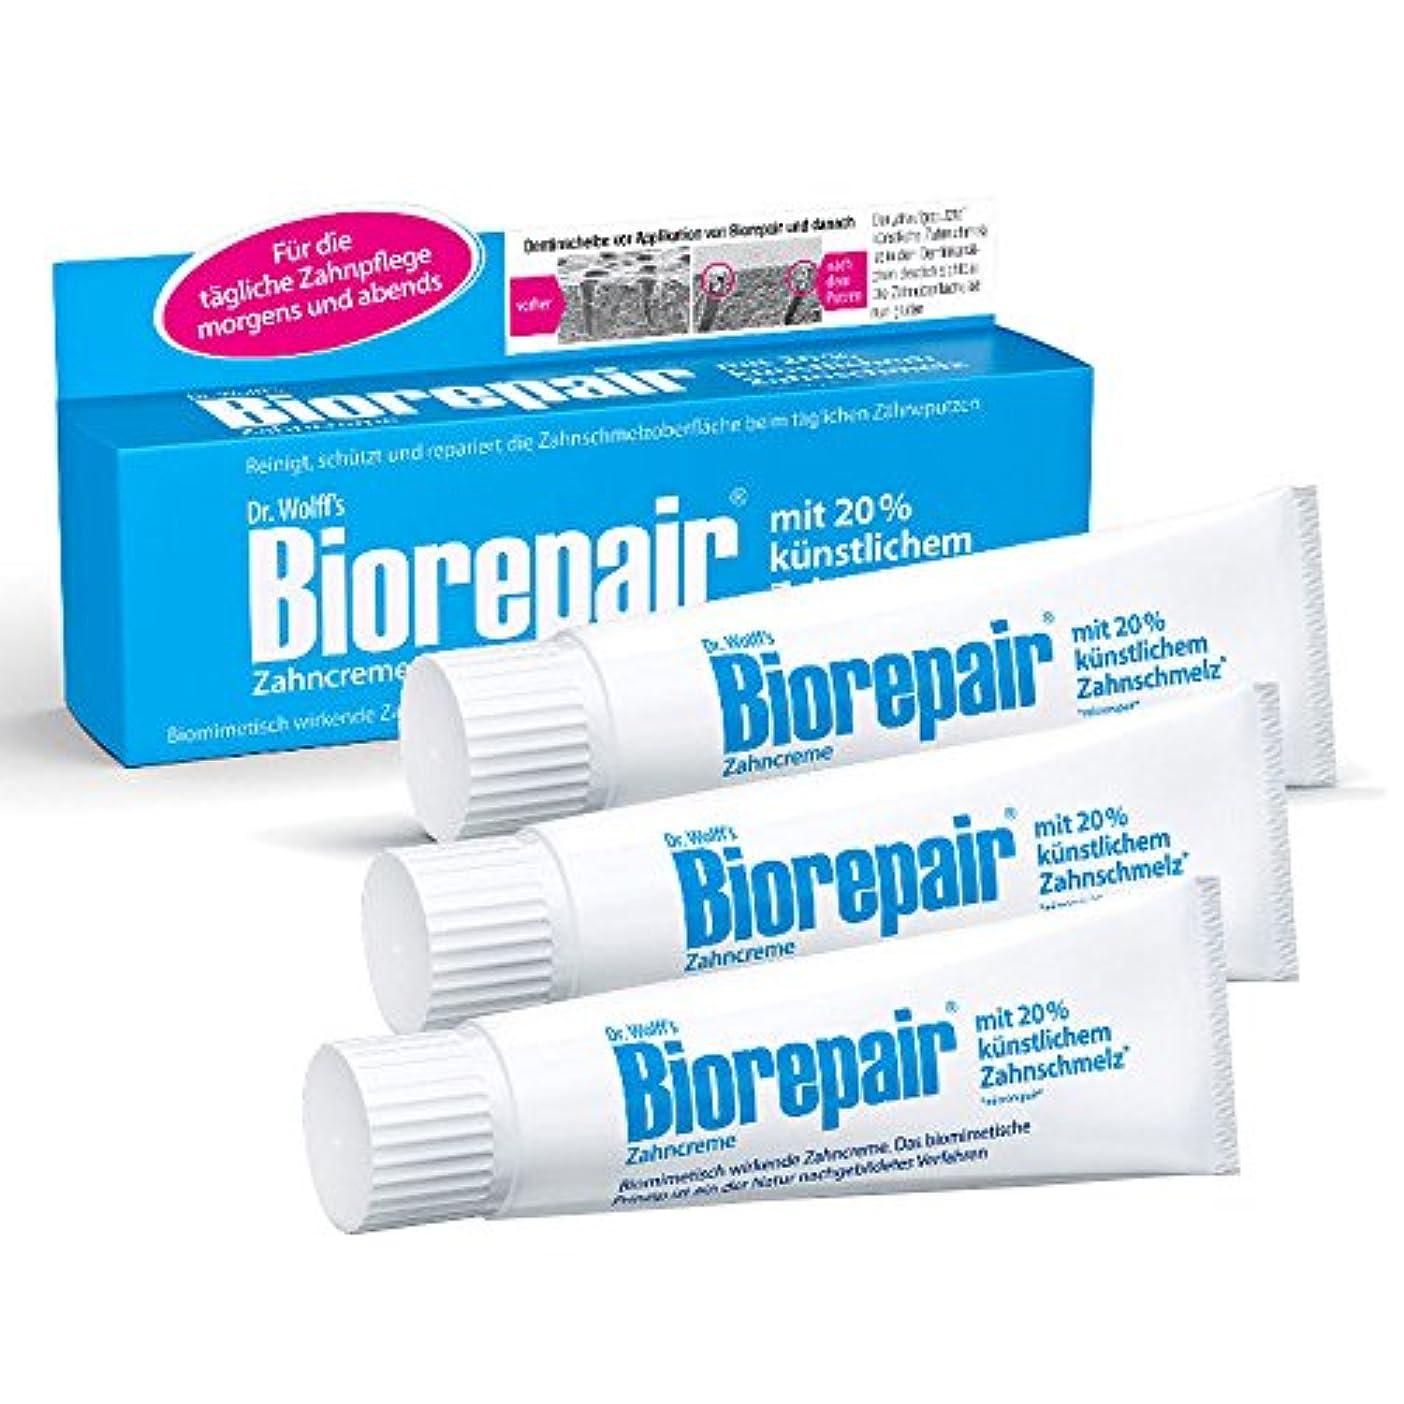 混合活気づく揮発性Biorepair 歯磨き粉オリジナル、75ml 歯の保護 耐摩耗性 x 3 [並行輸入品]